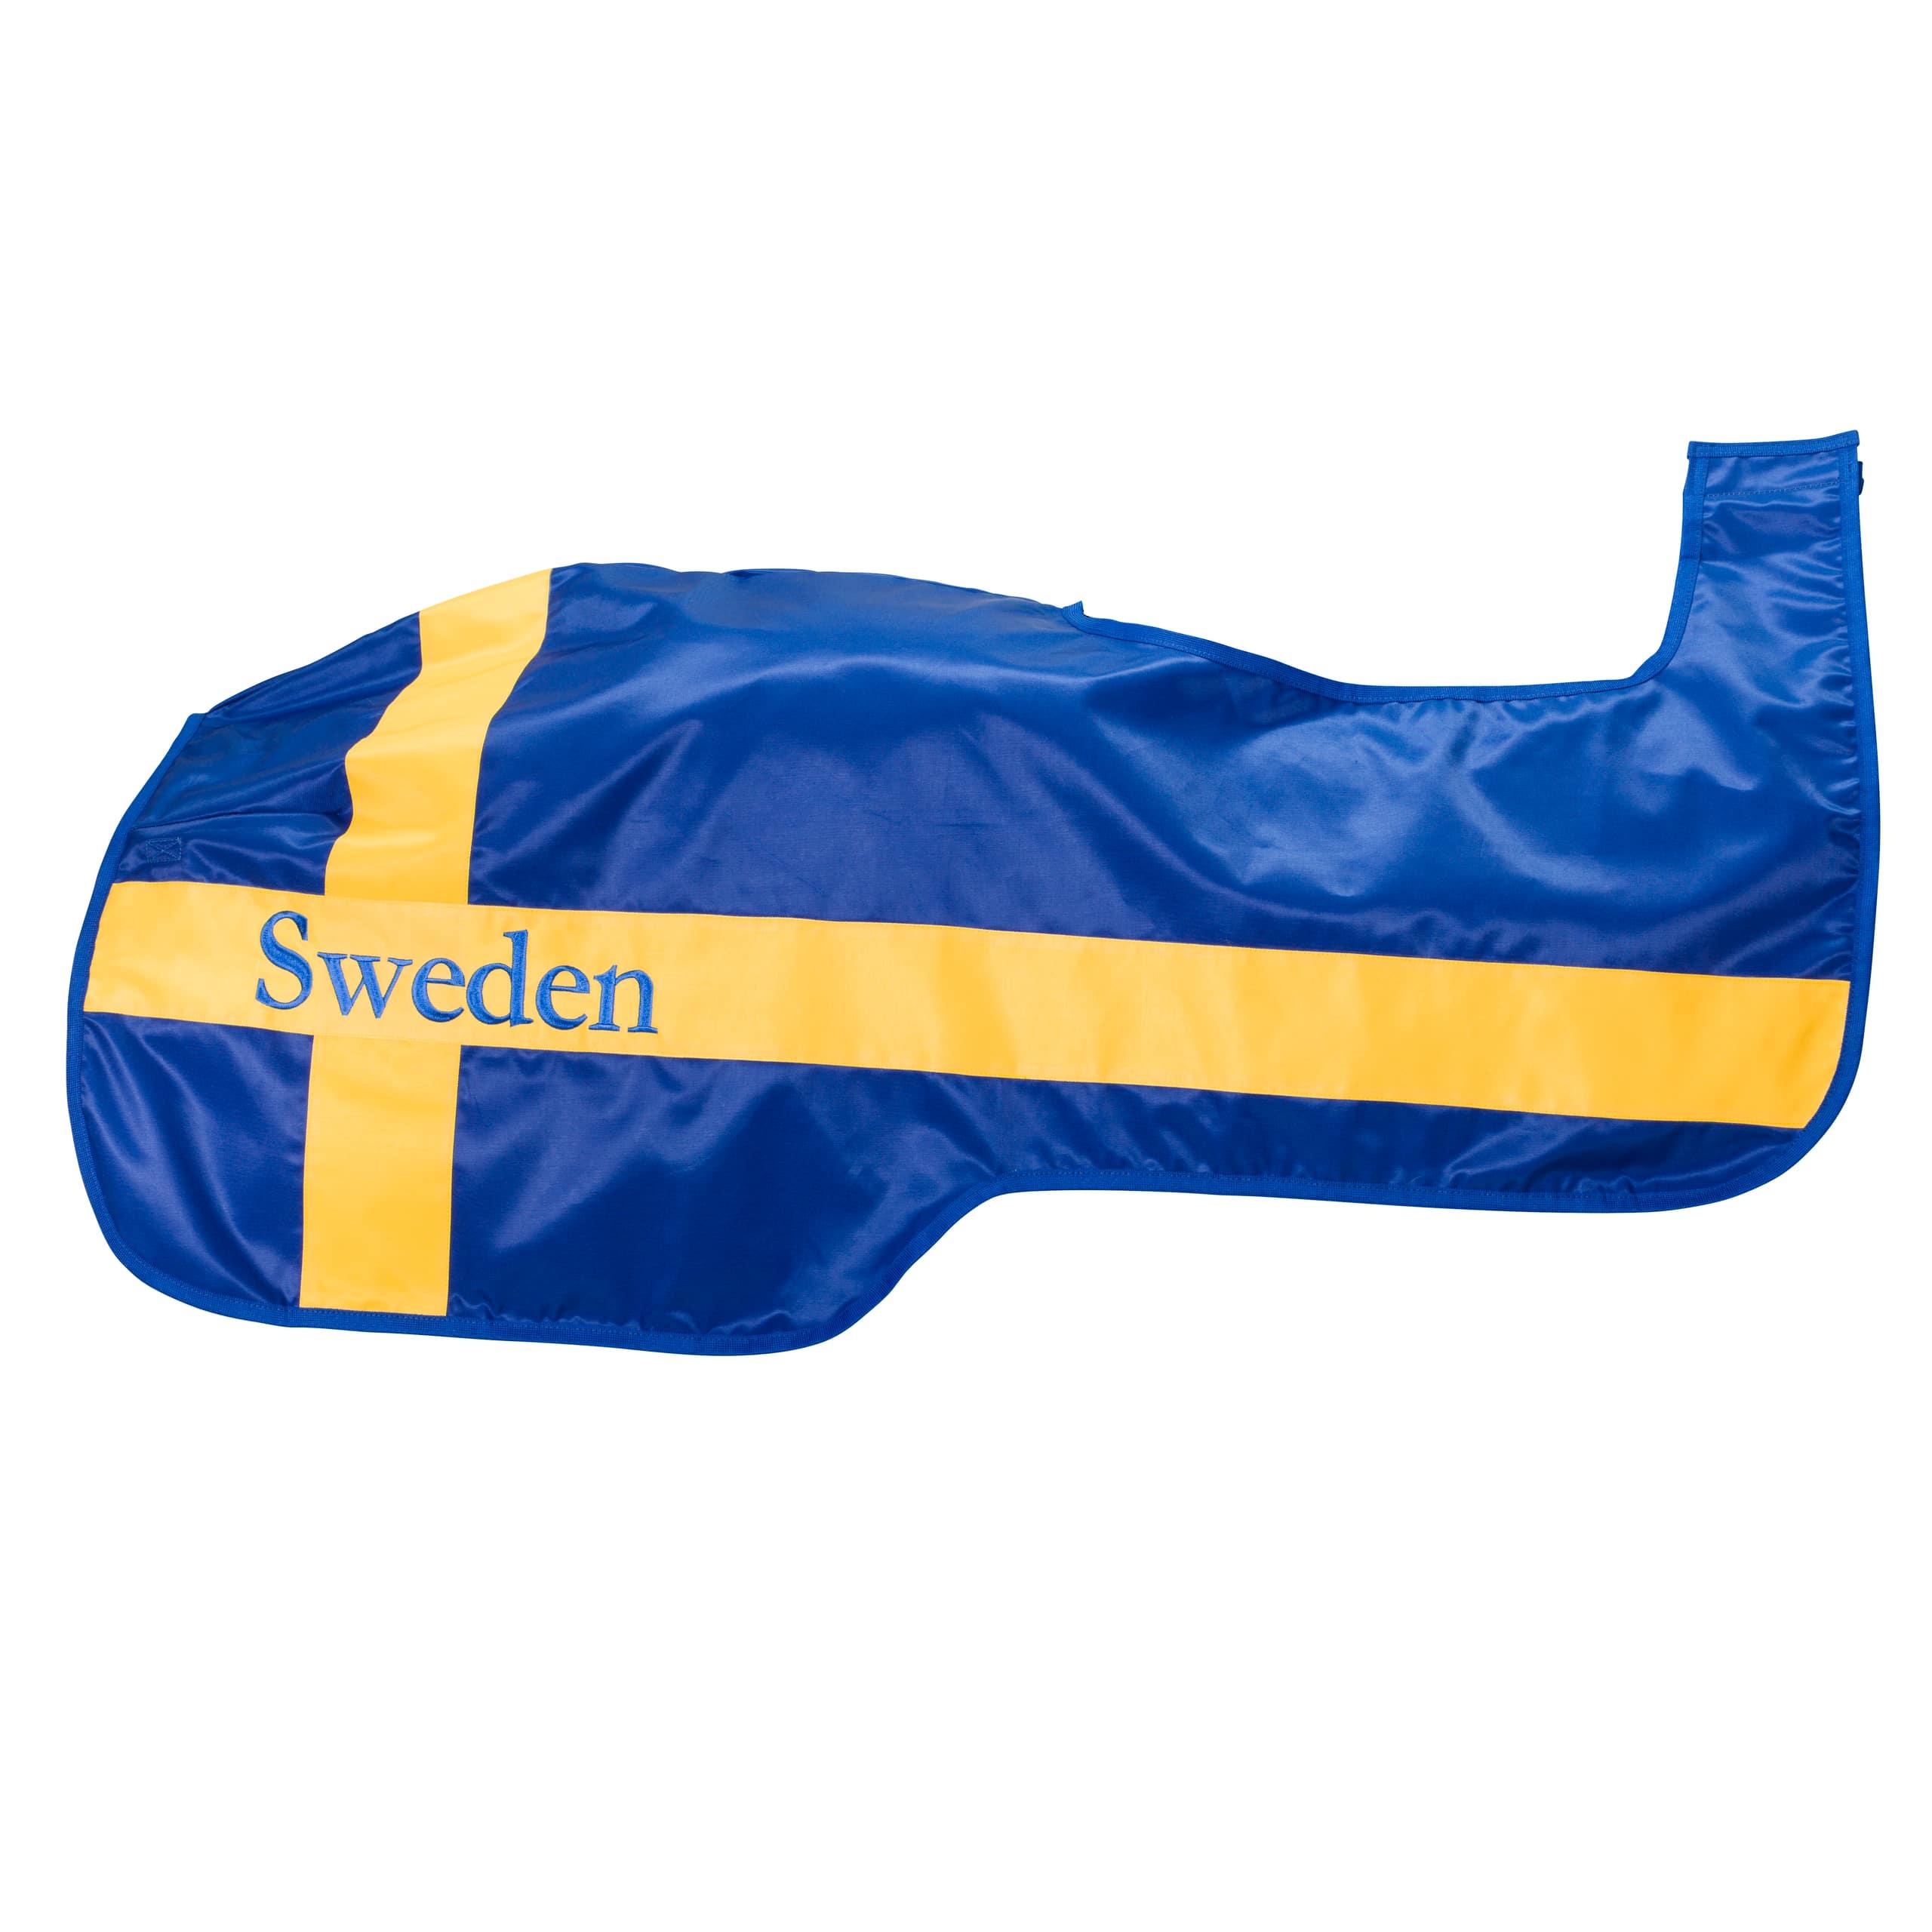 Ridtäcke-Sweden-Flagga-hö